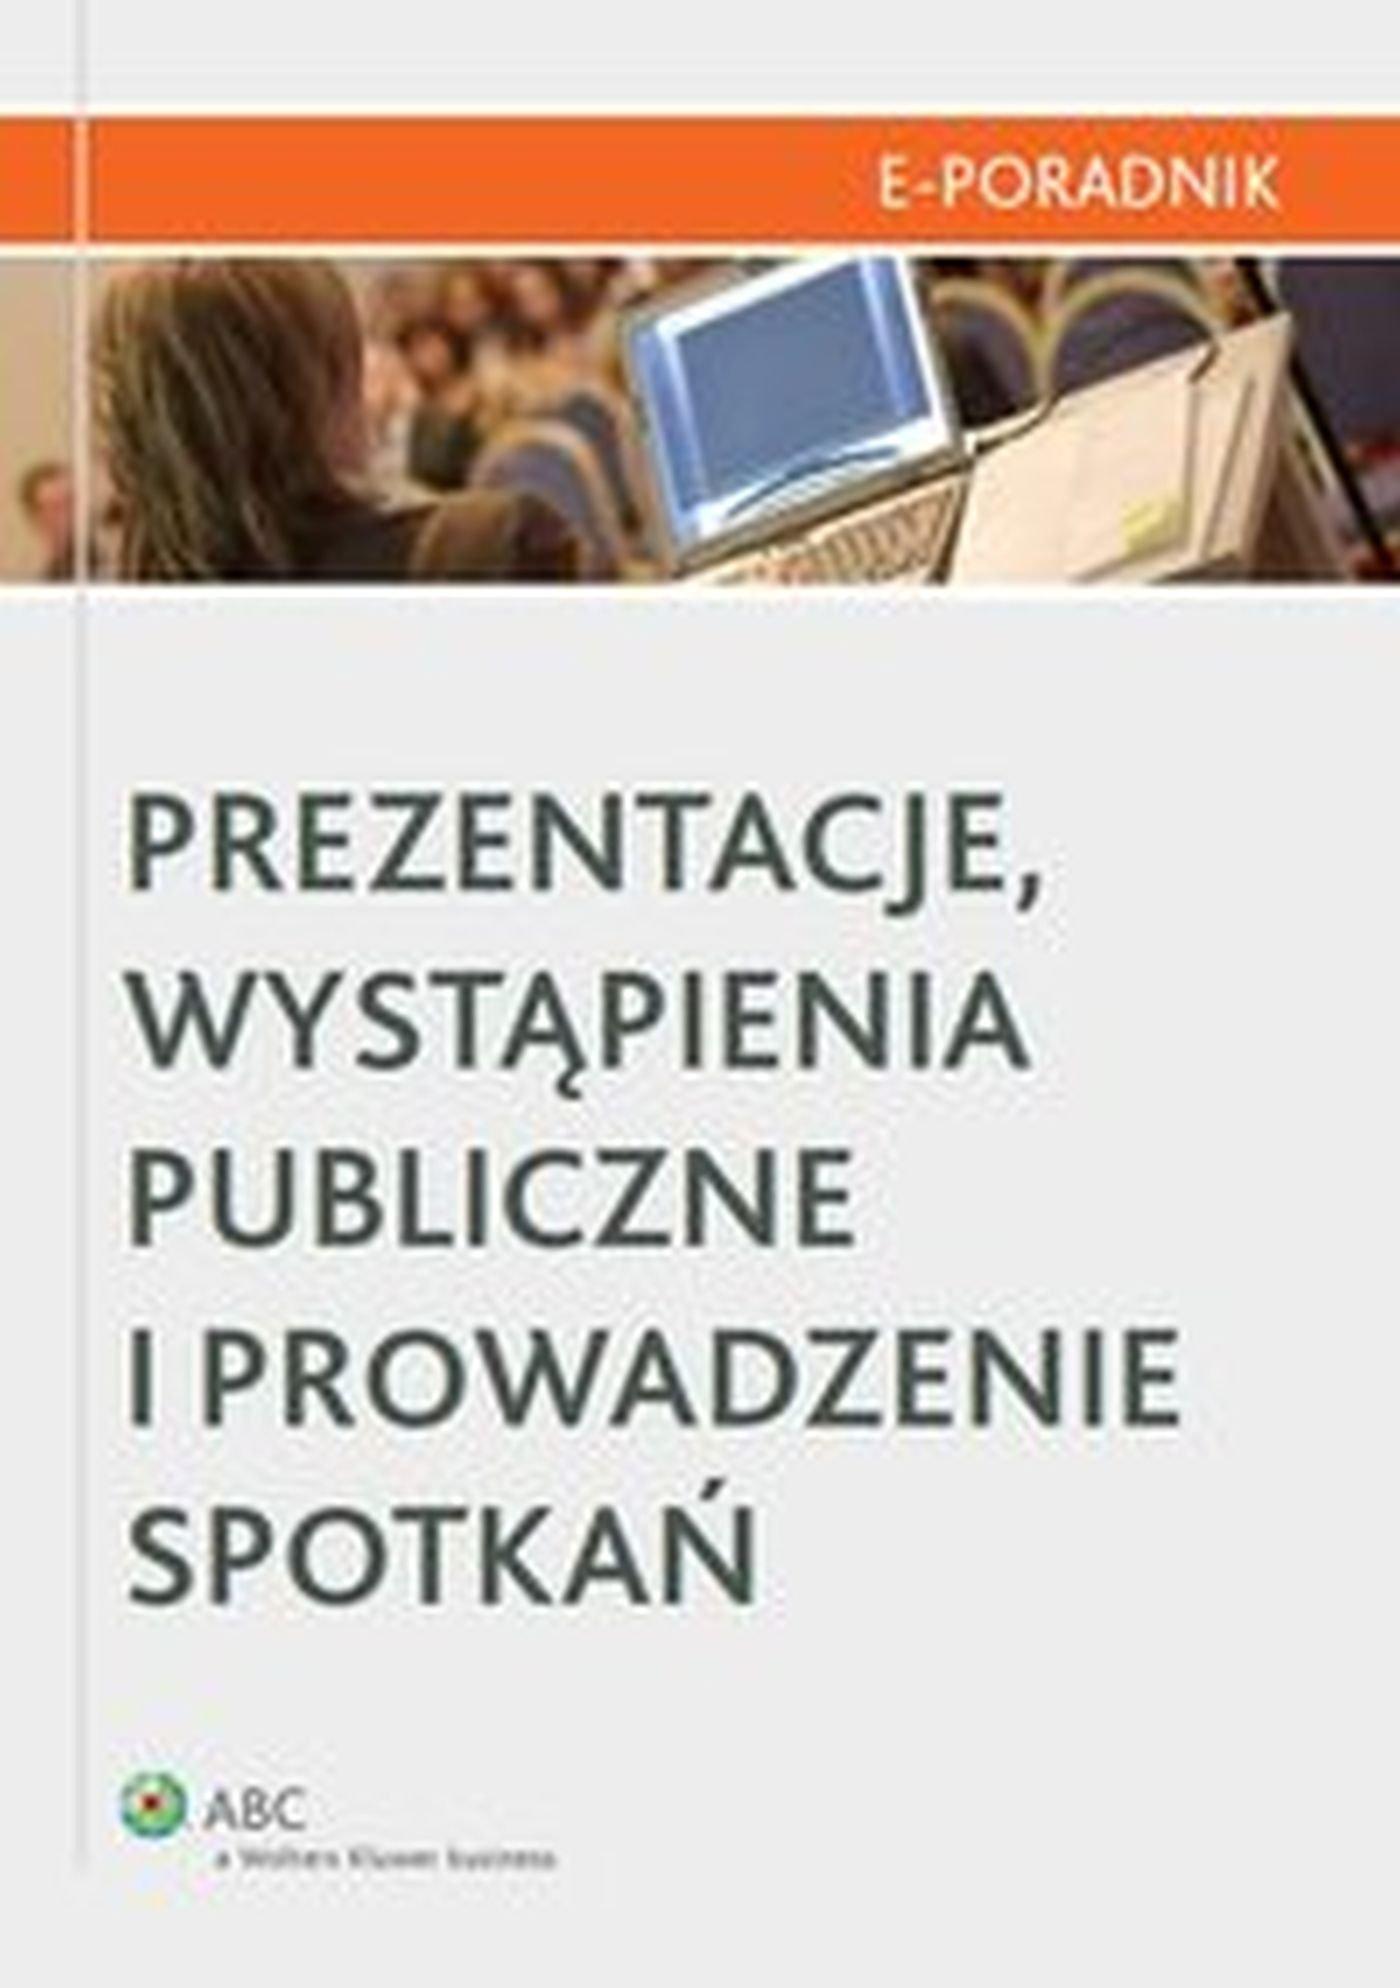 Prezentacje, wystąpienia publiczne i prowadzenie spotkań - Ebook (Książka EPUB) do pobrania w formacie EPUB